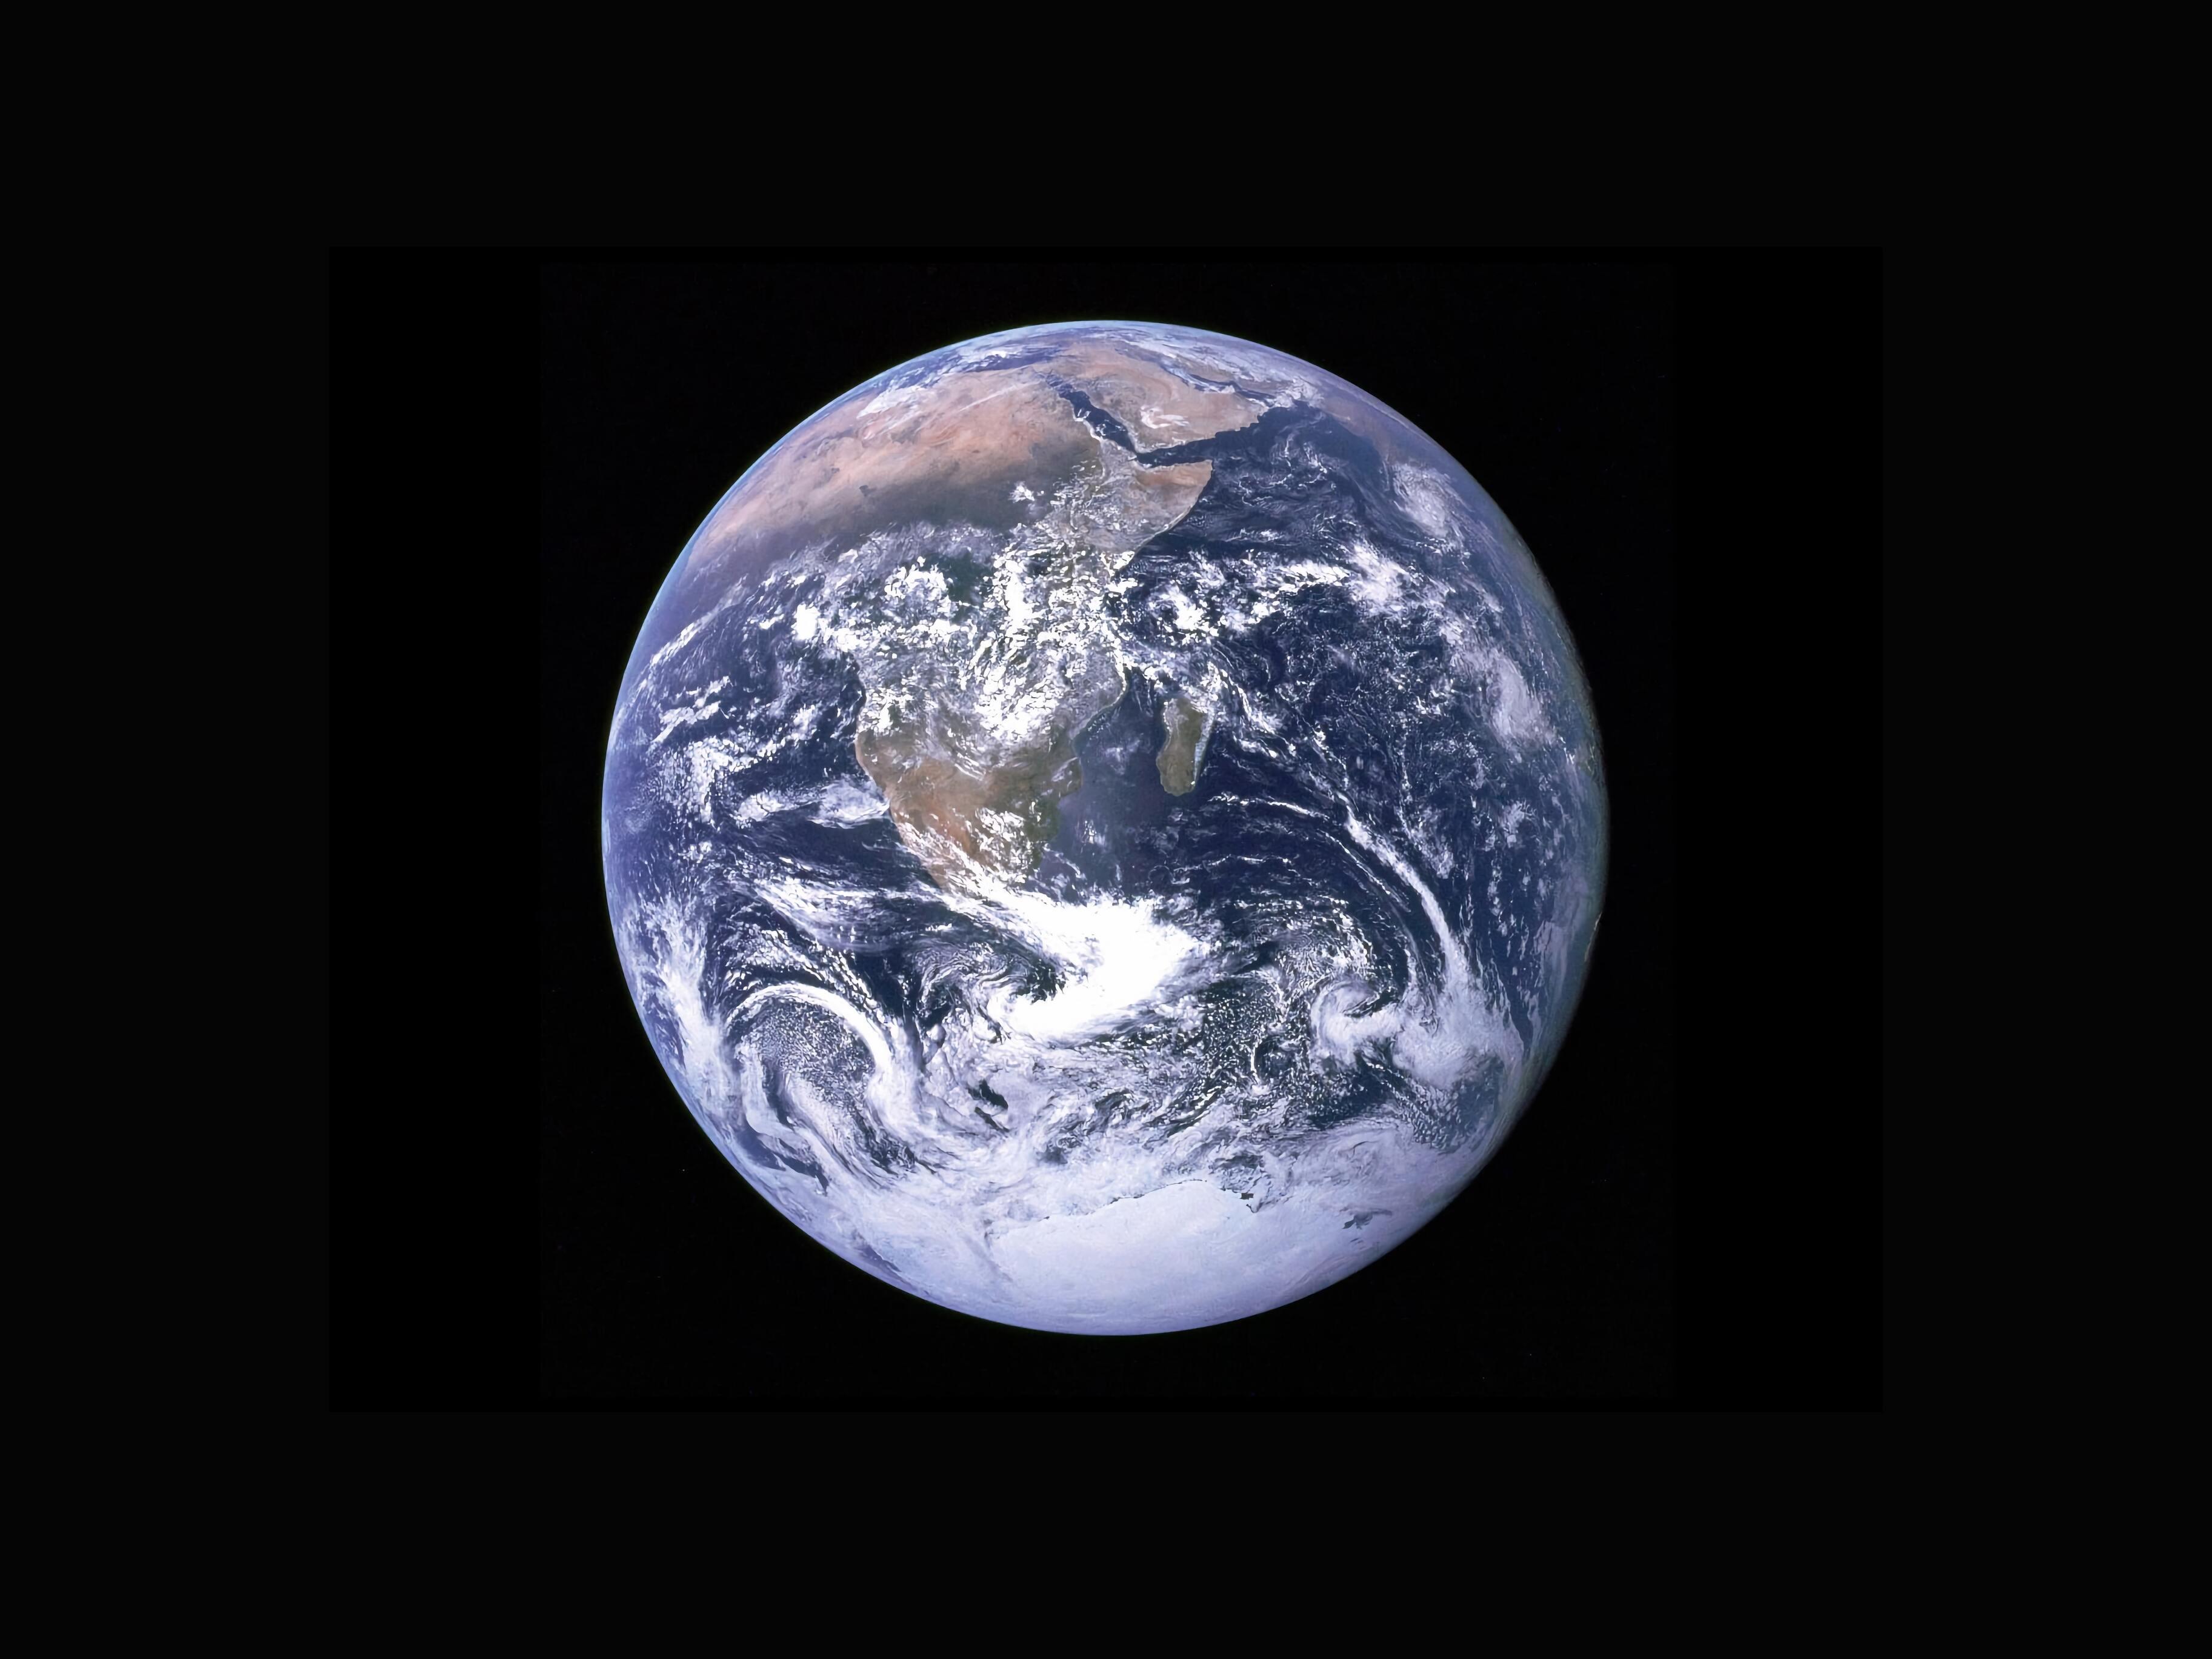 Учёные доказали, что Земля потускнела из-за глобального потепления